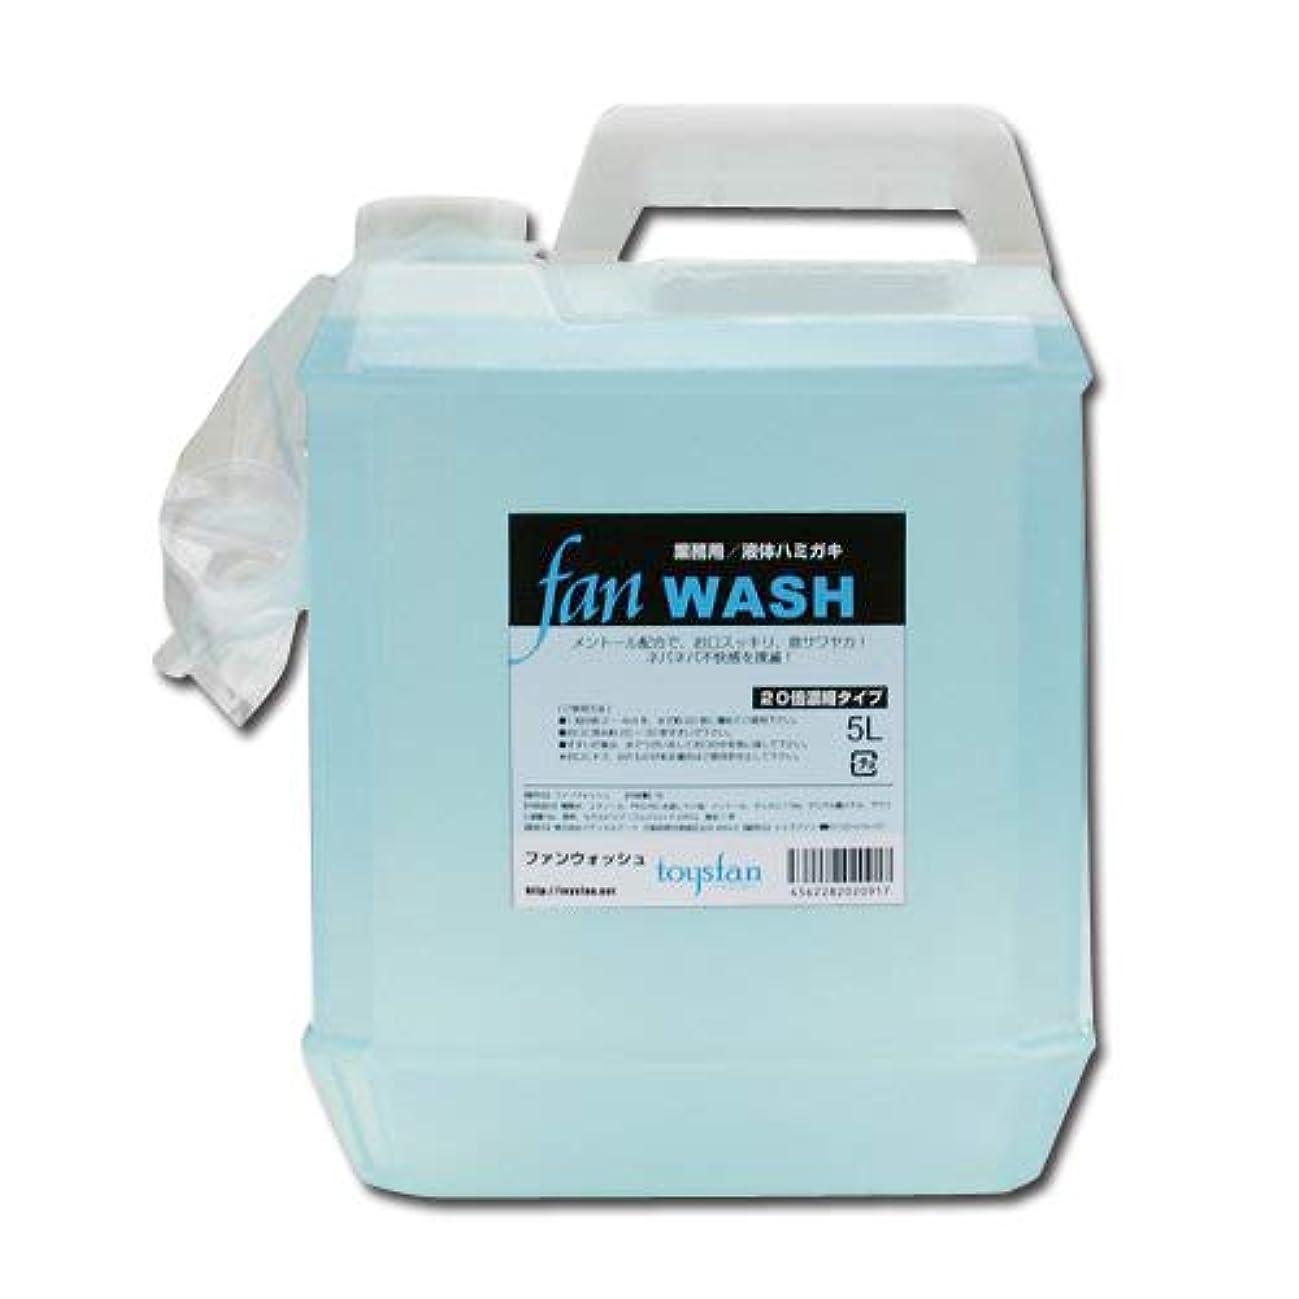 本当のことを言うと物理的なペルーファンウォッシュ 5L(20倍濃縮)業務用液体ハミガキ FAN WASHメントール配合│液体歯磨き大容量!うがい液